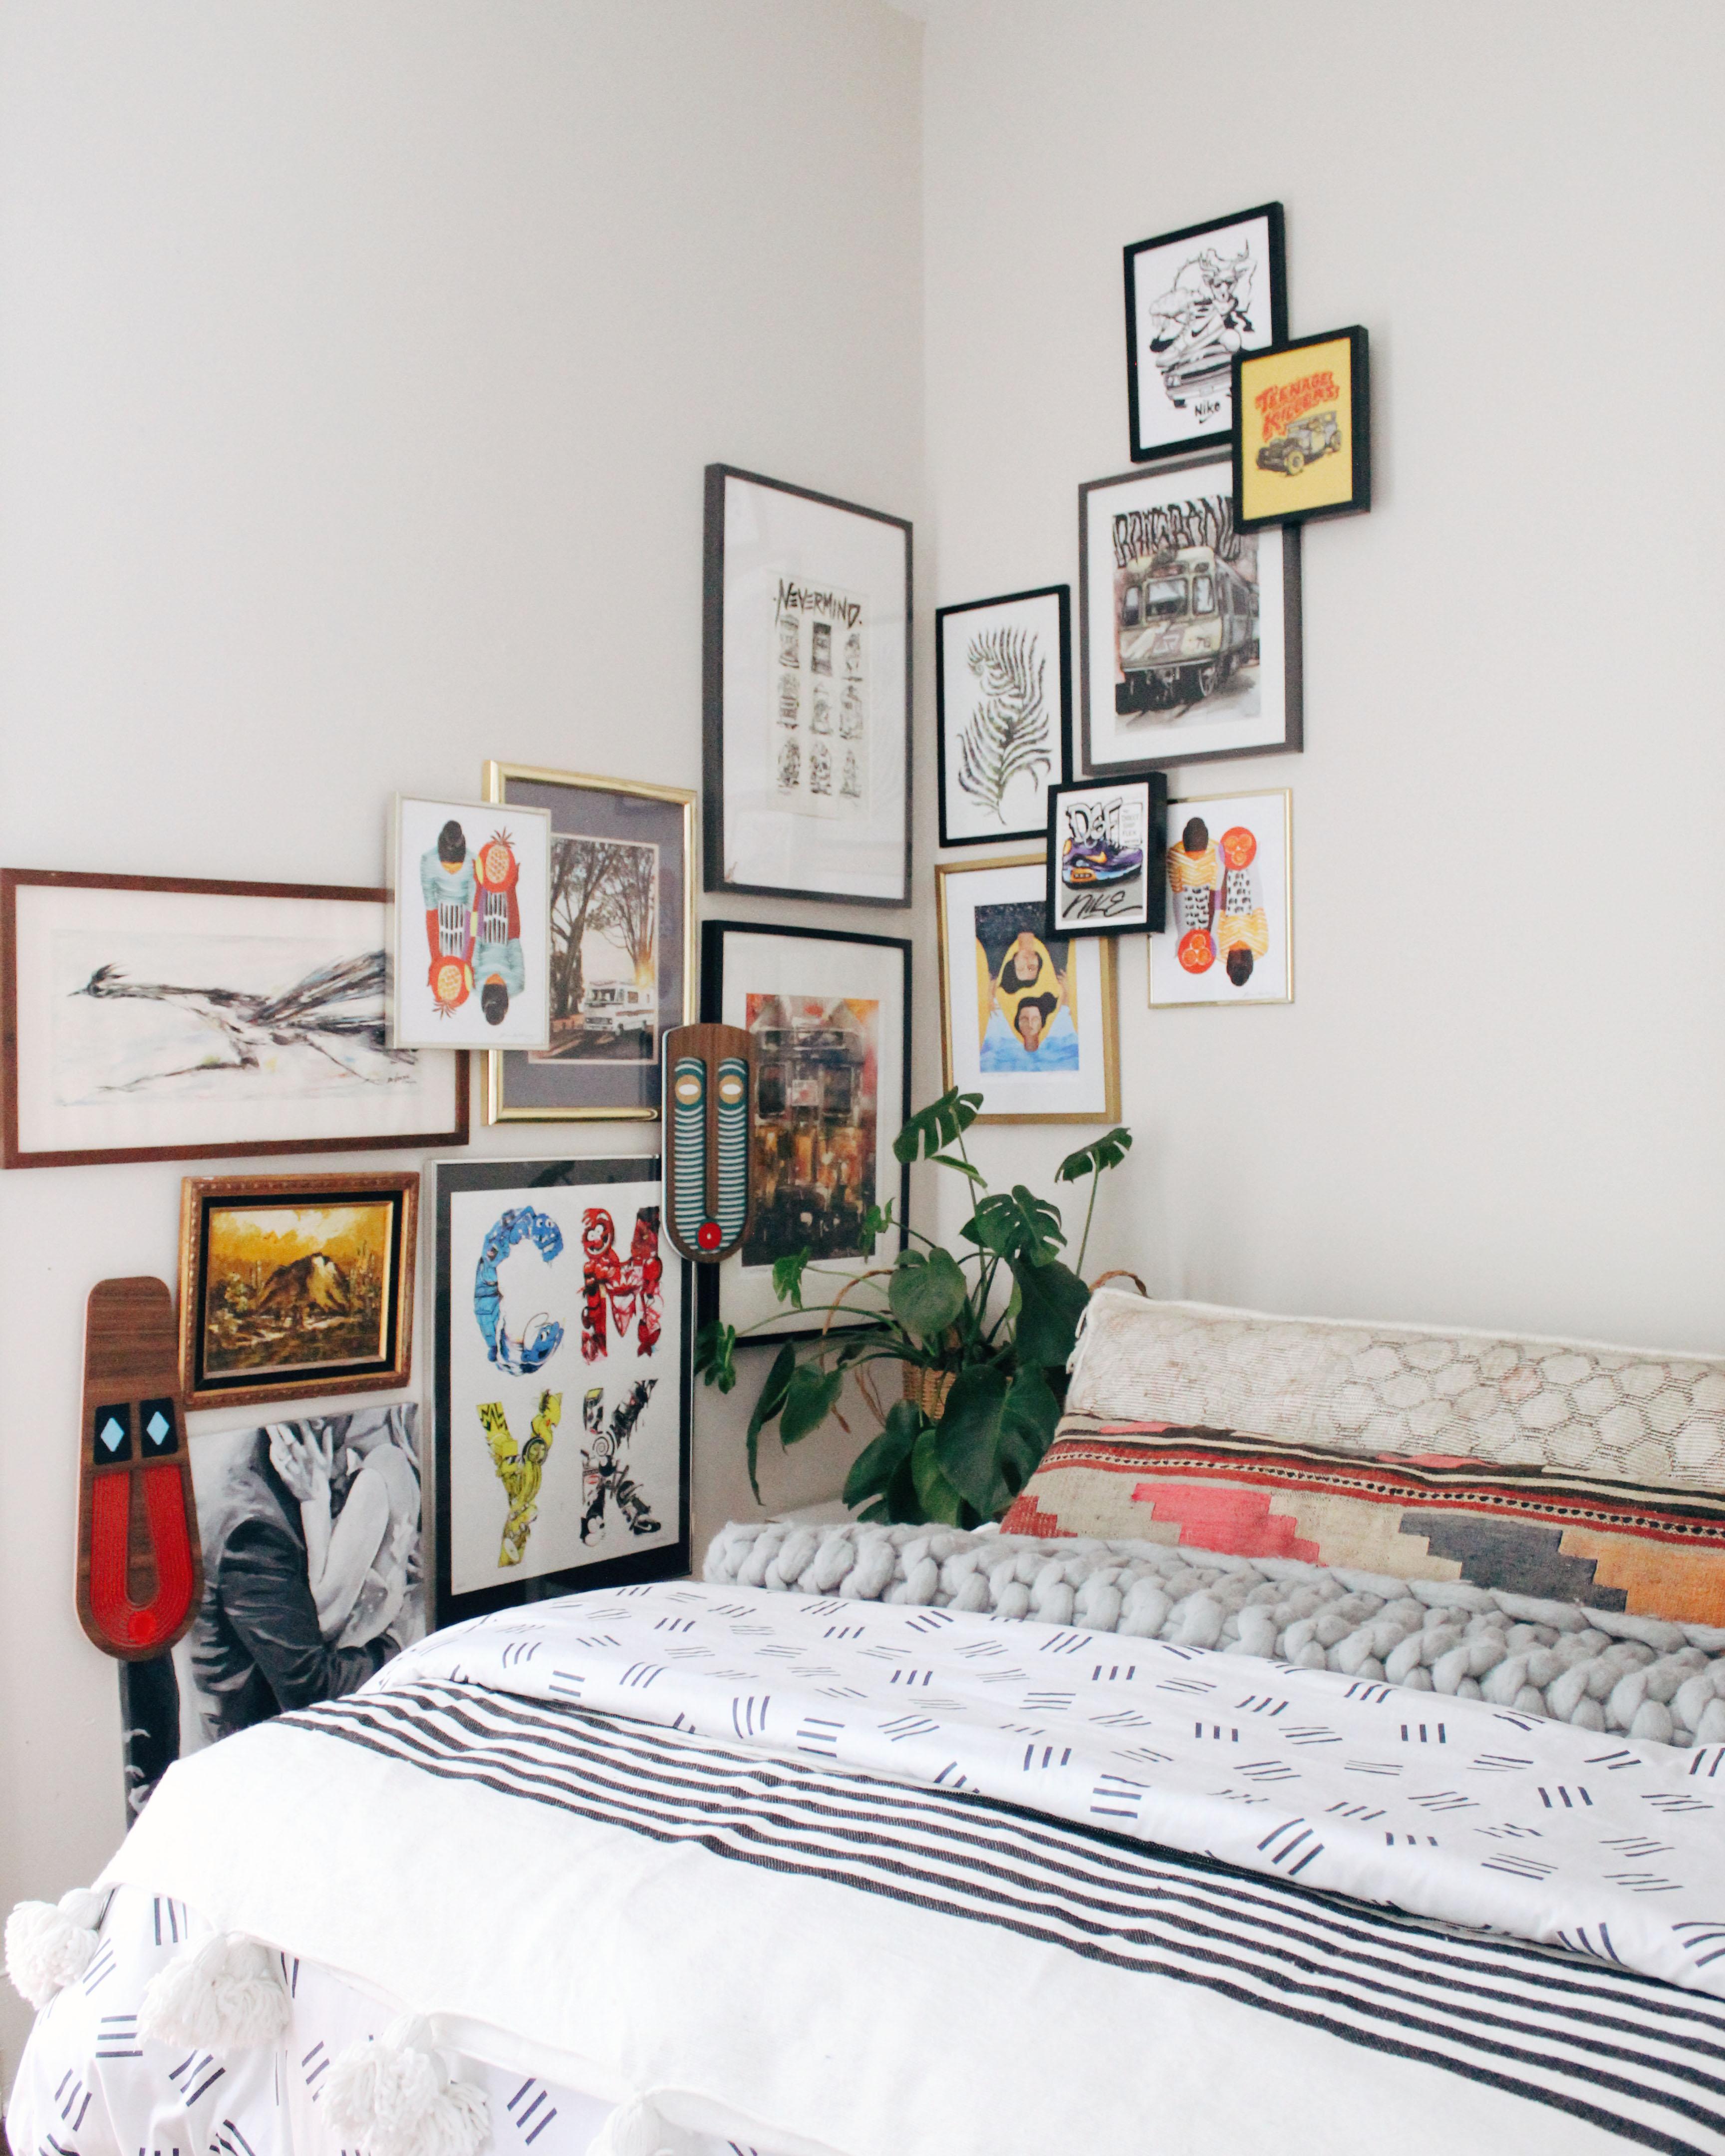 nola-corner-gallery